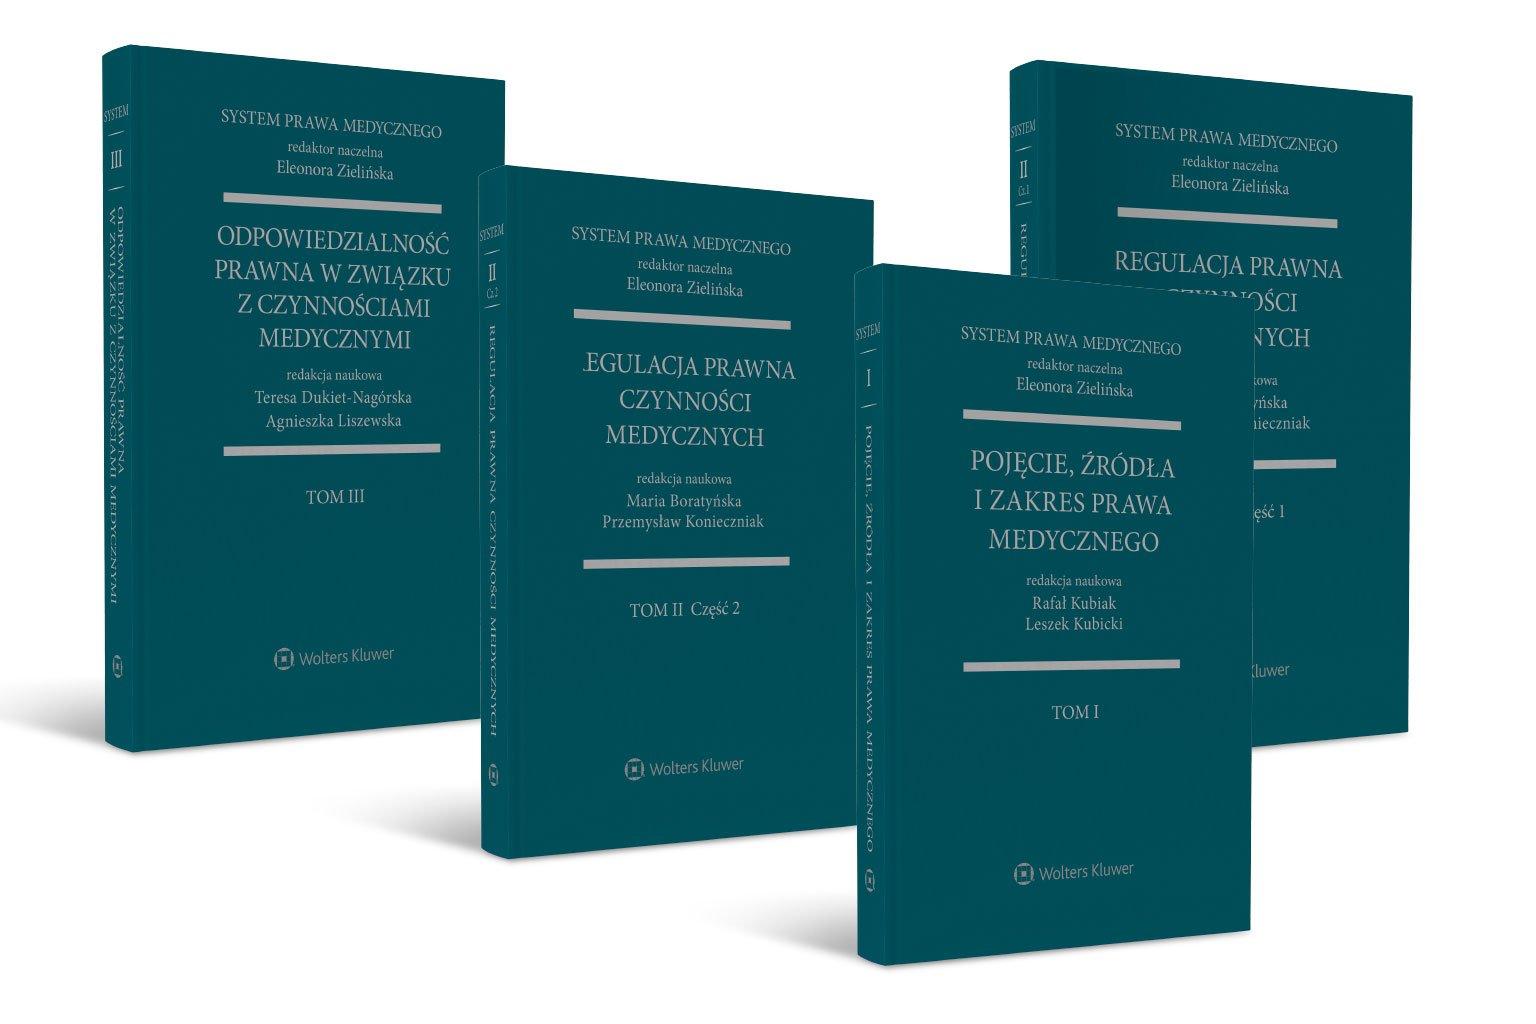 Obecnie dostępne w LEX tomy Systemu Medycznego: